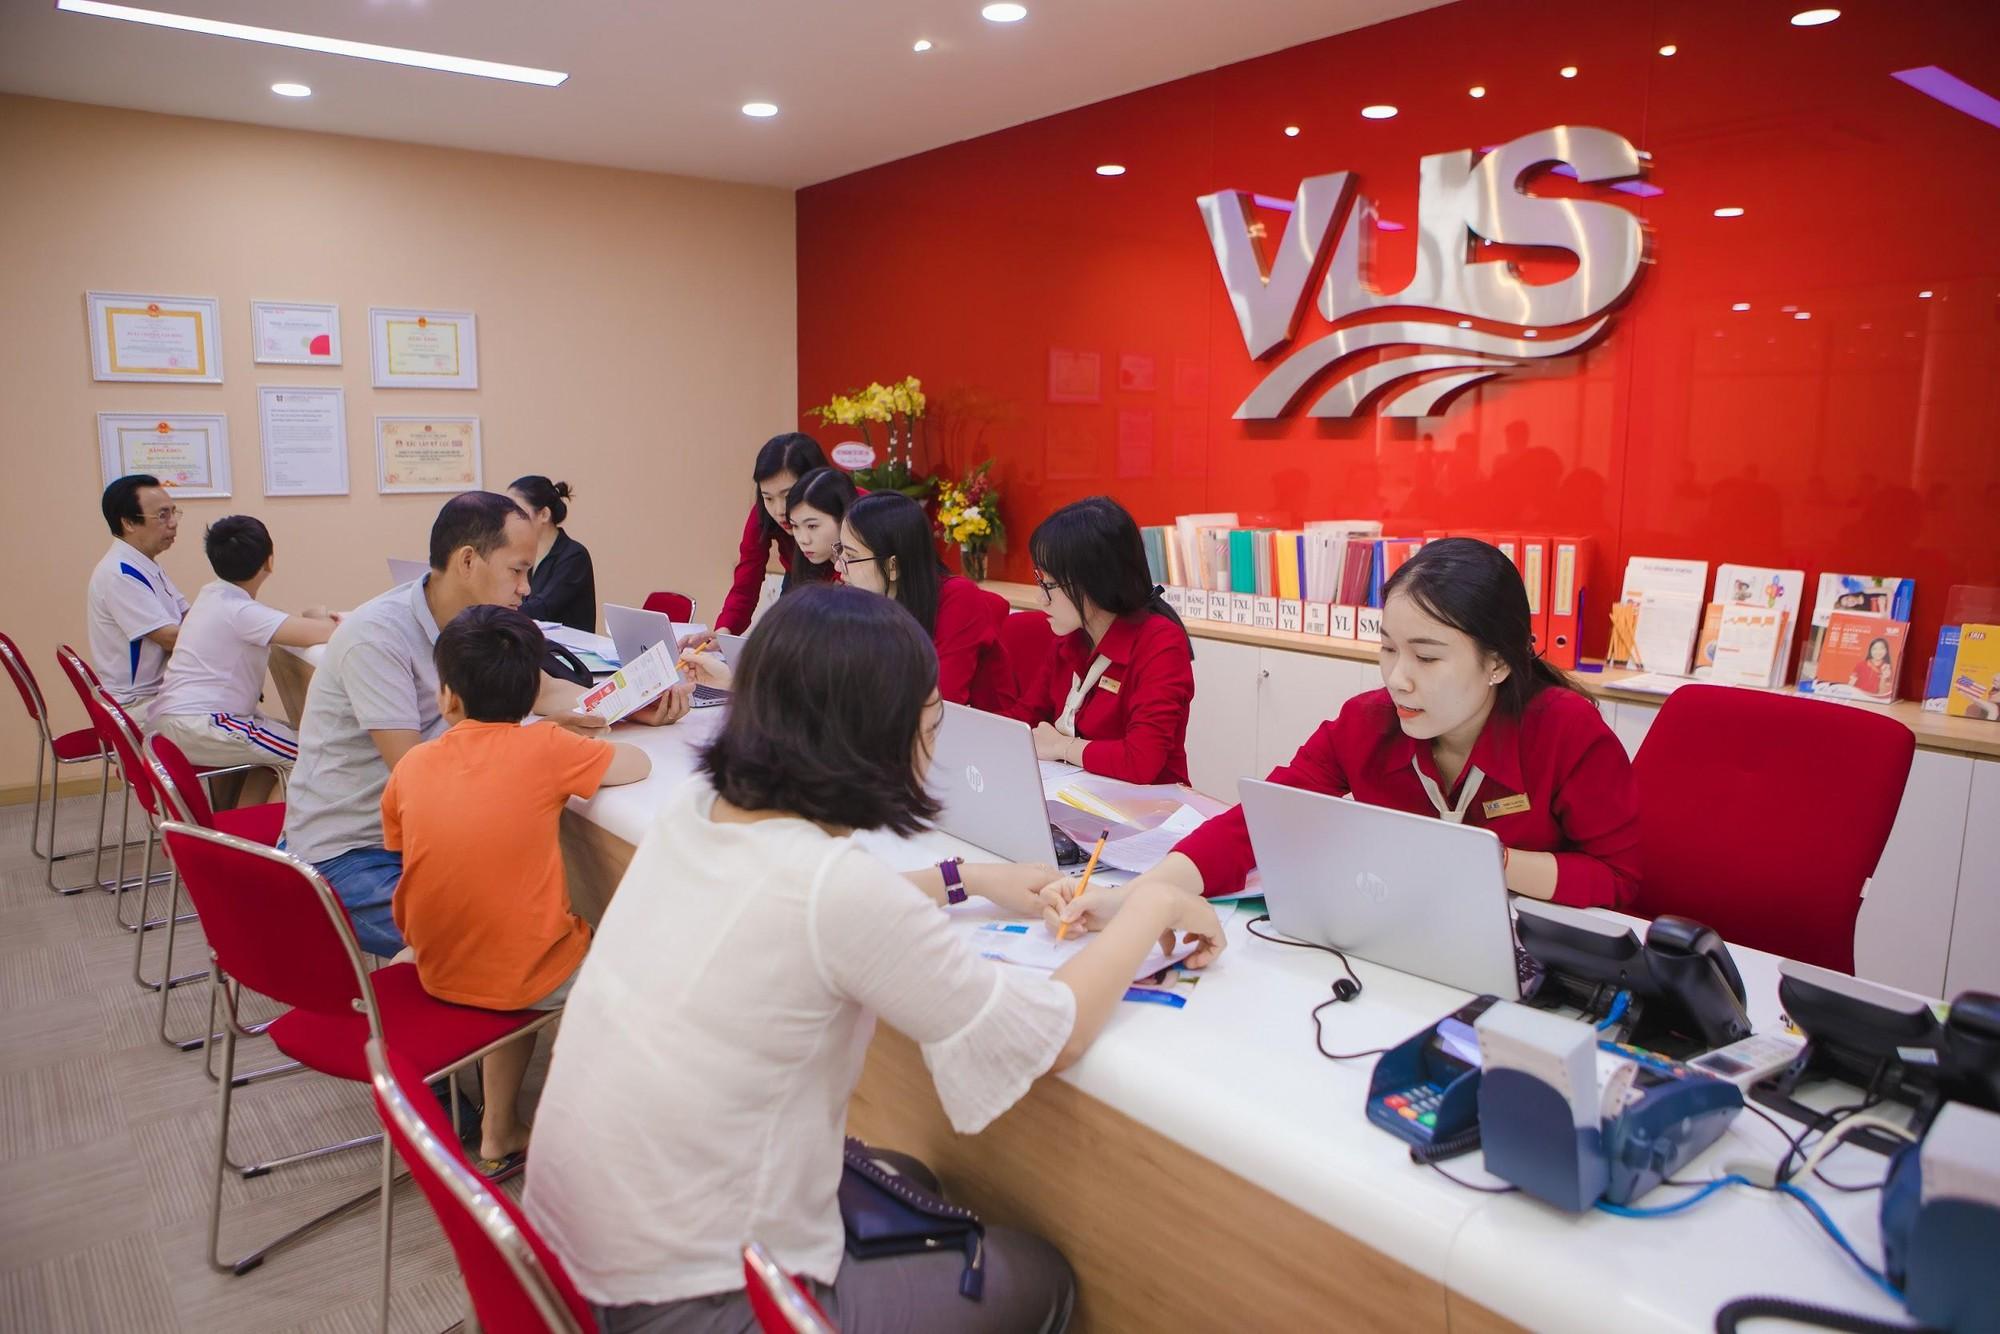 Trải nghiệm buổi học cực vui tại cơ sở mới của VUS - Ảnh 5.